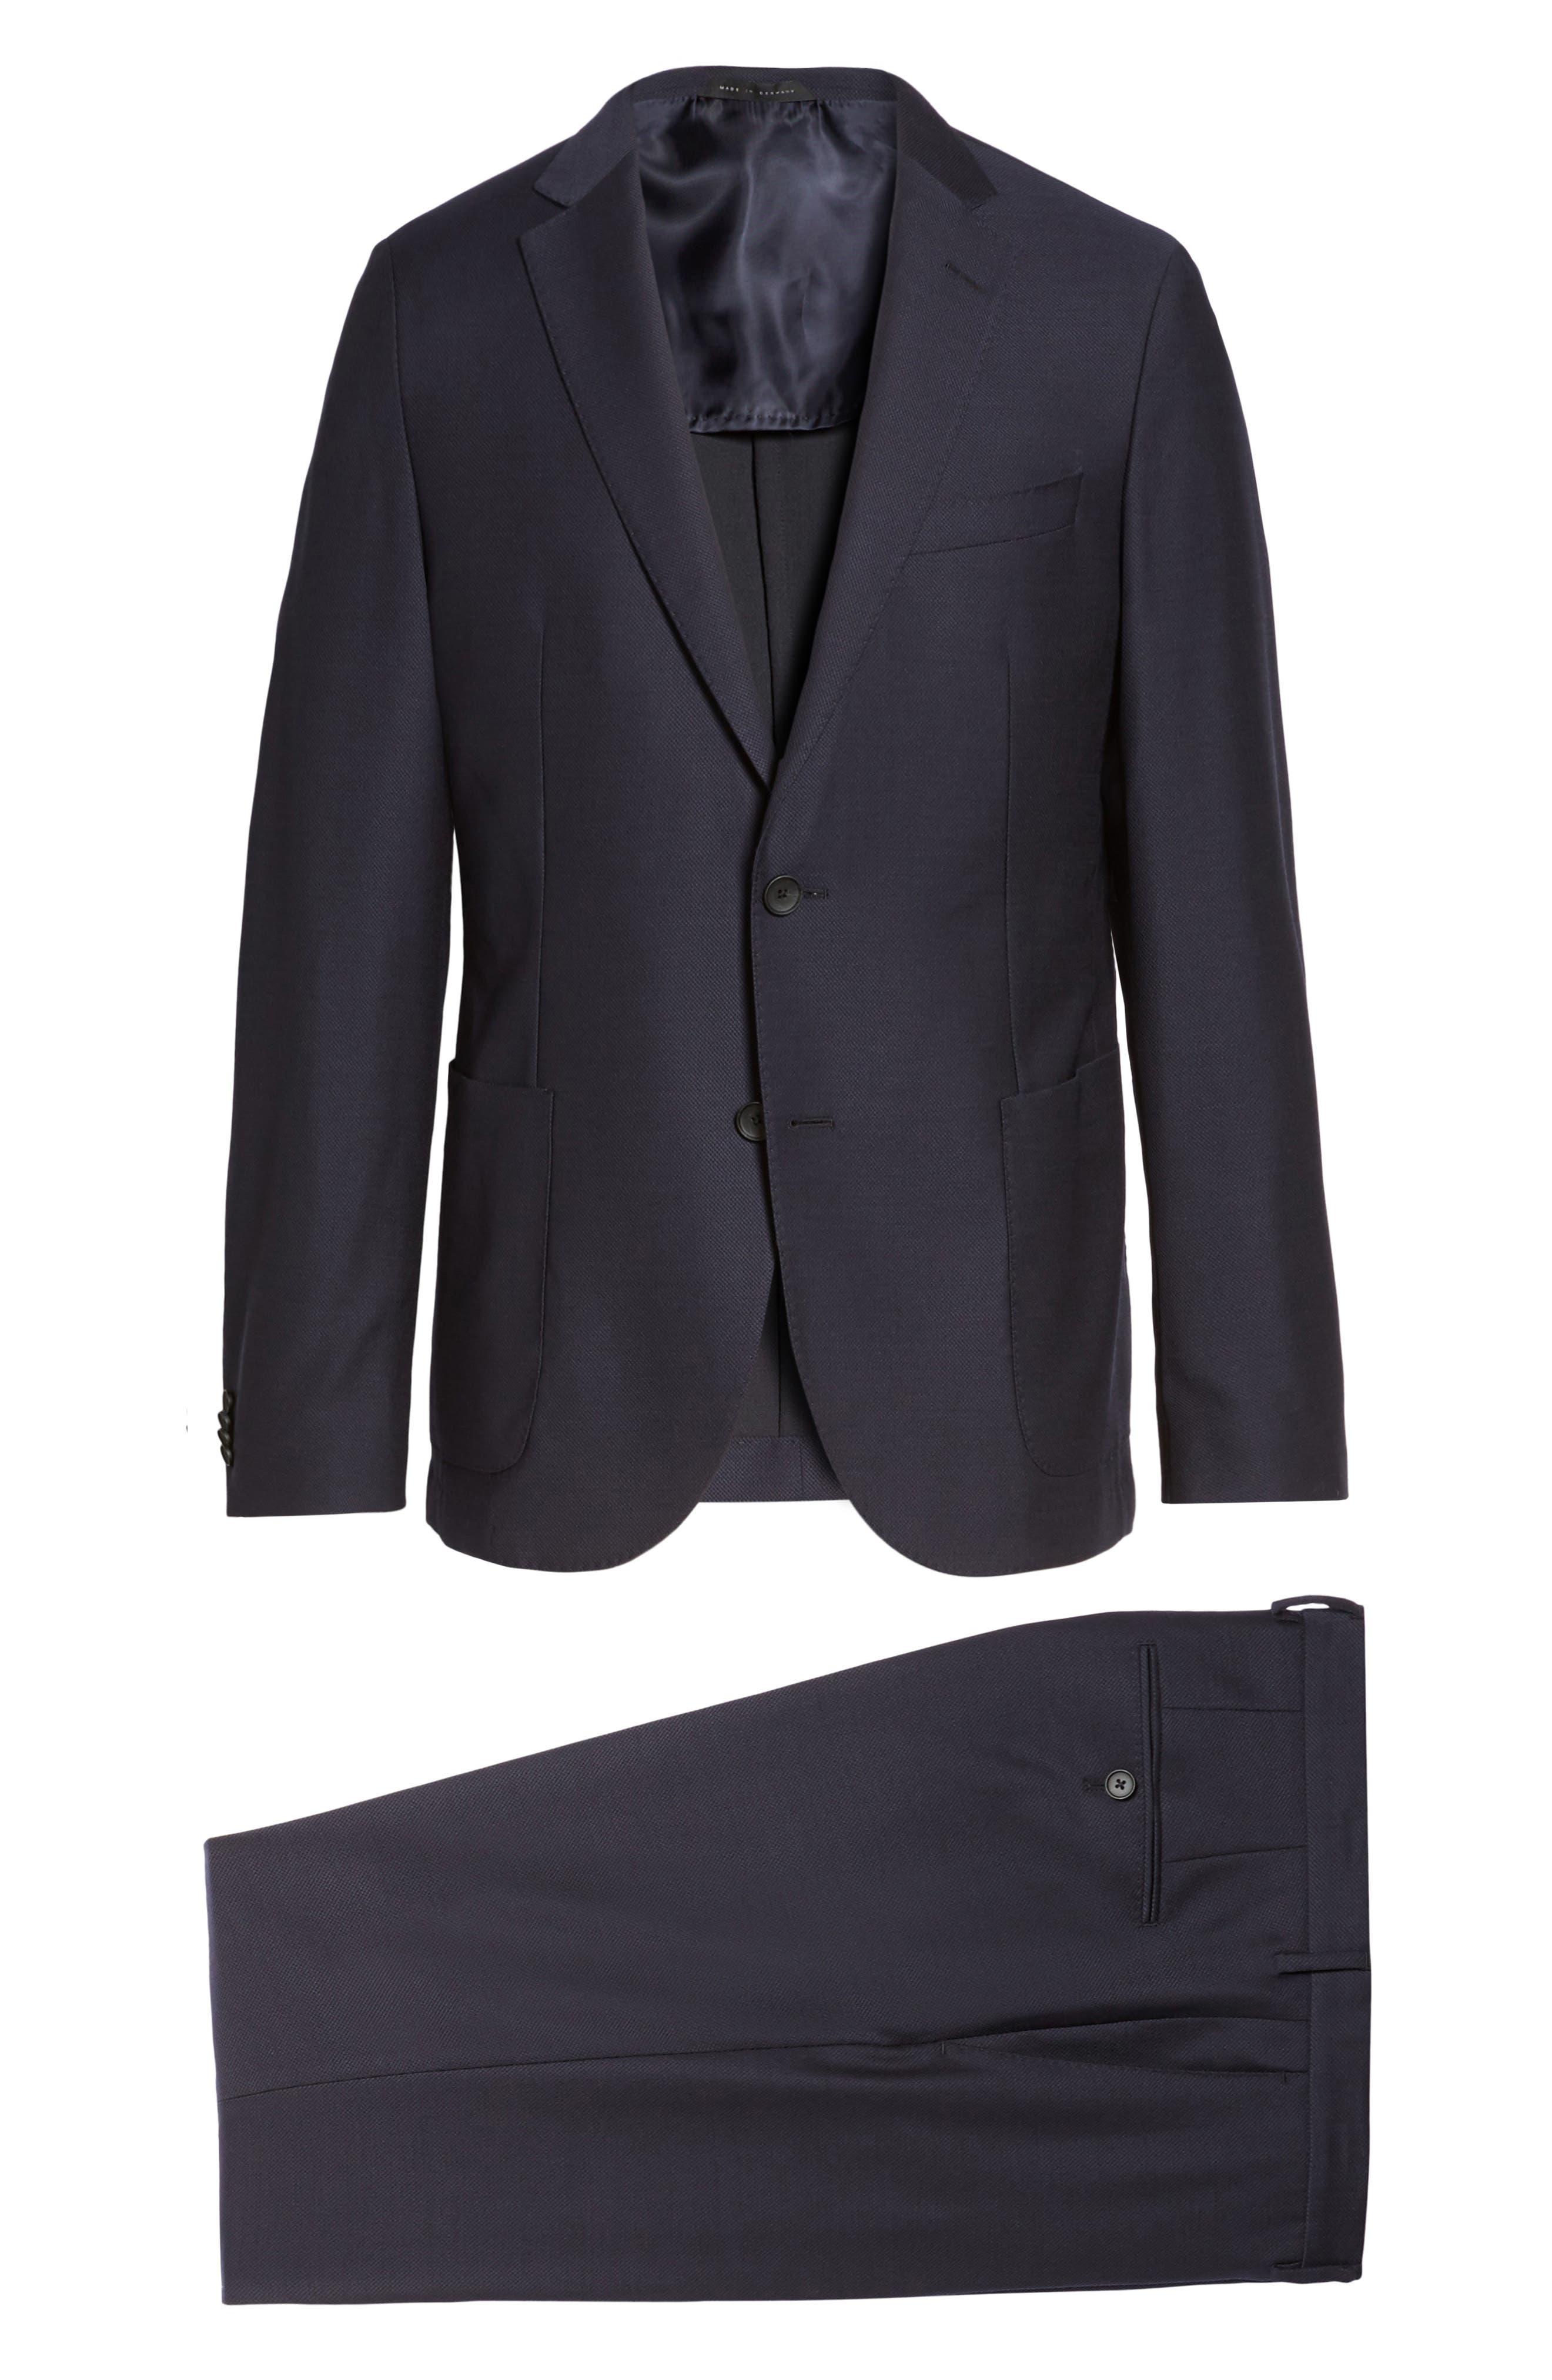 Novan/Ben Classic Fit Solid Wool Suit,                             Alternate thumbnail 8, color,                             410